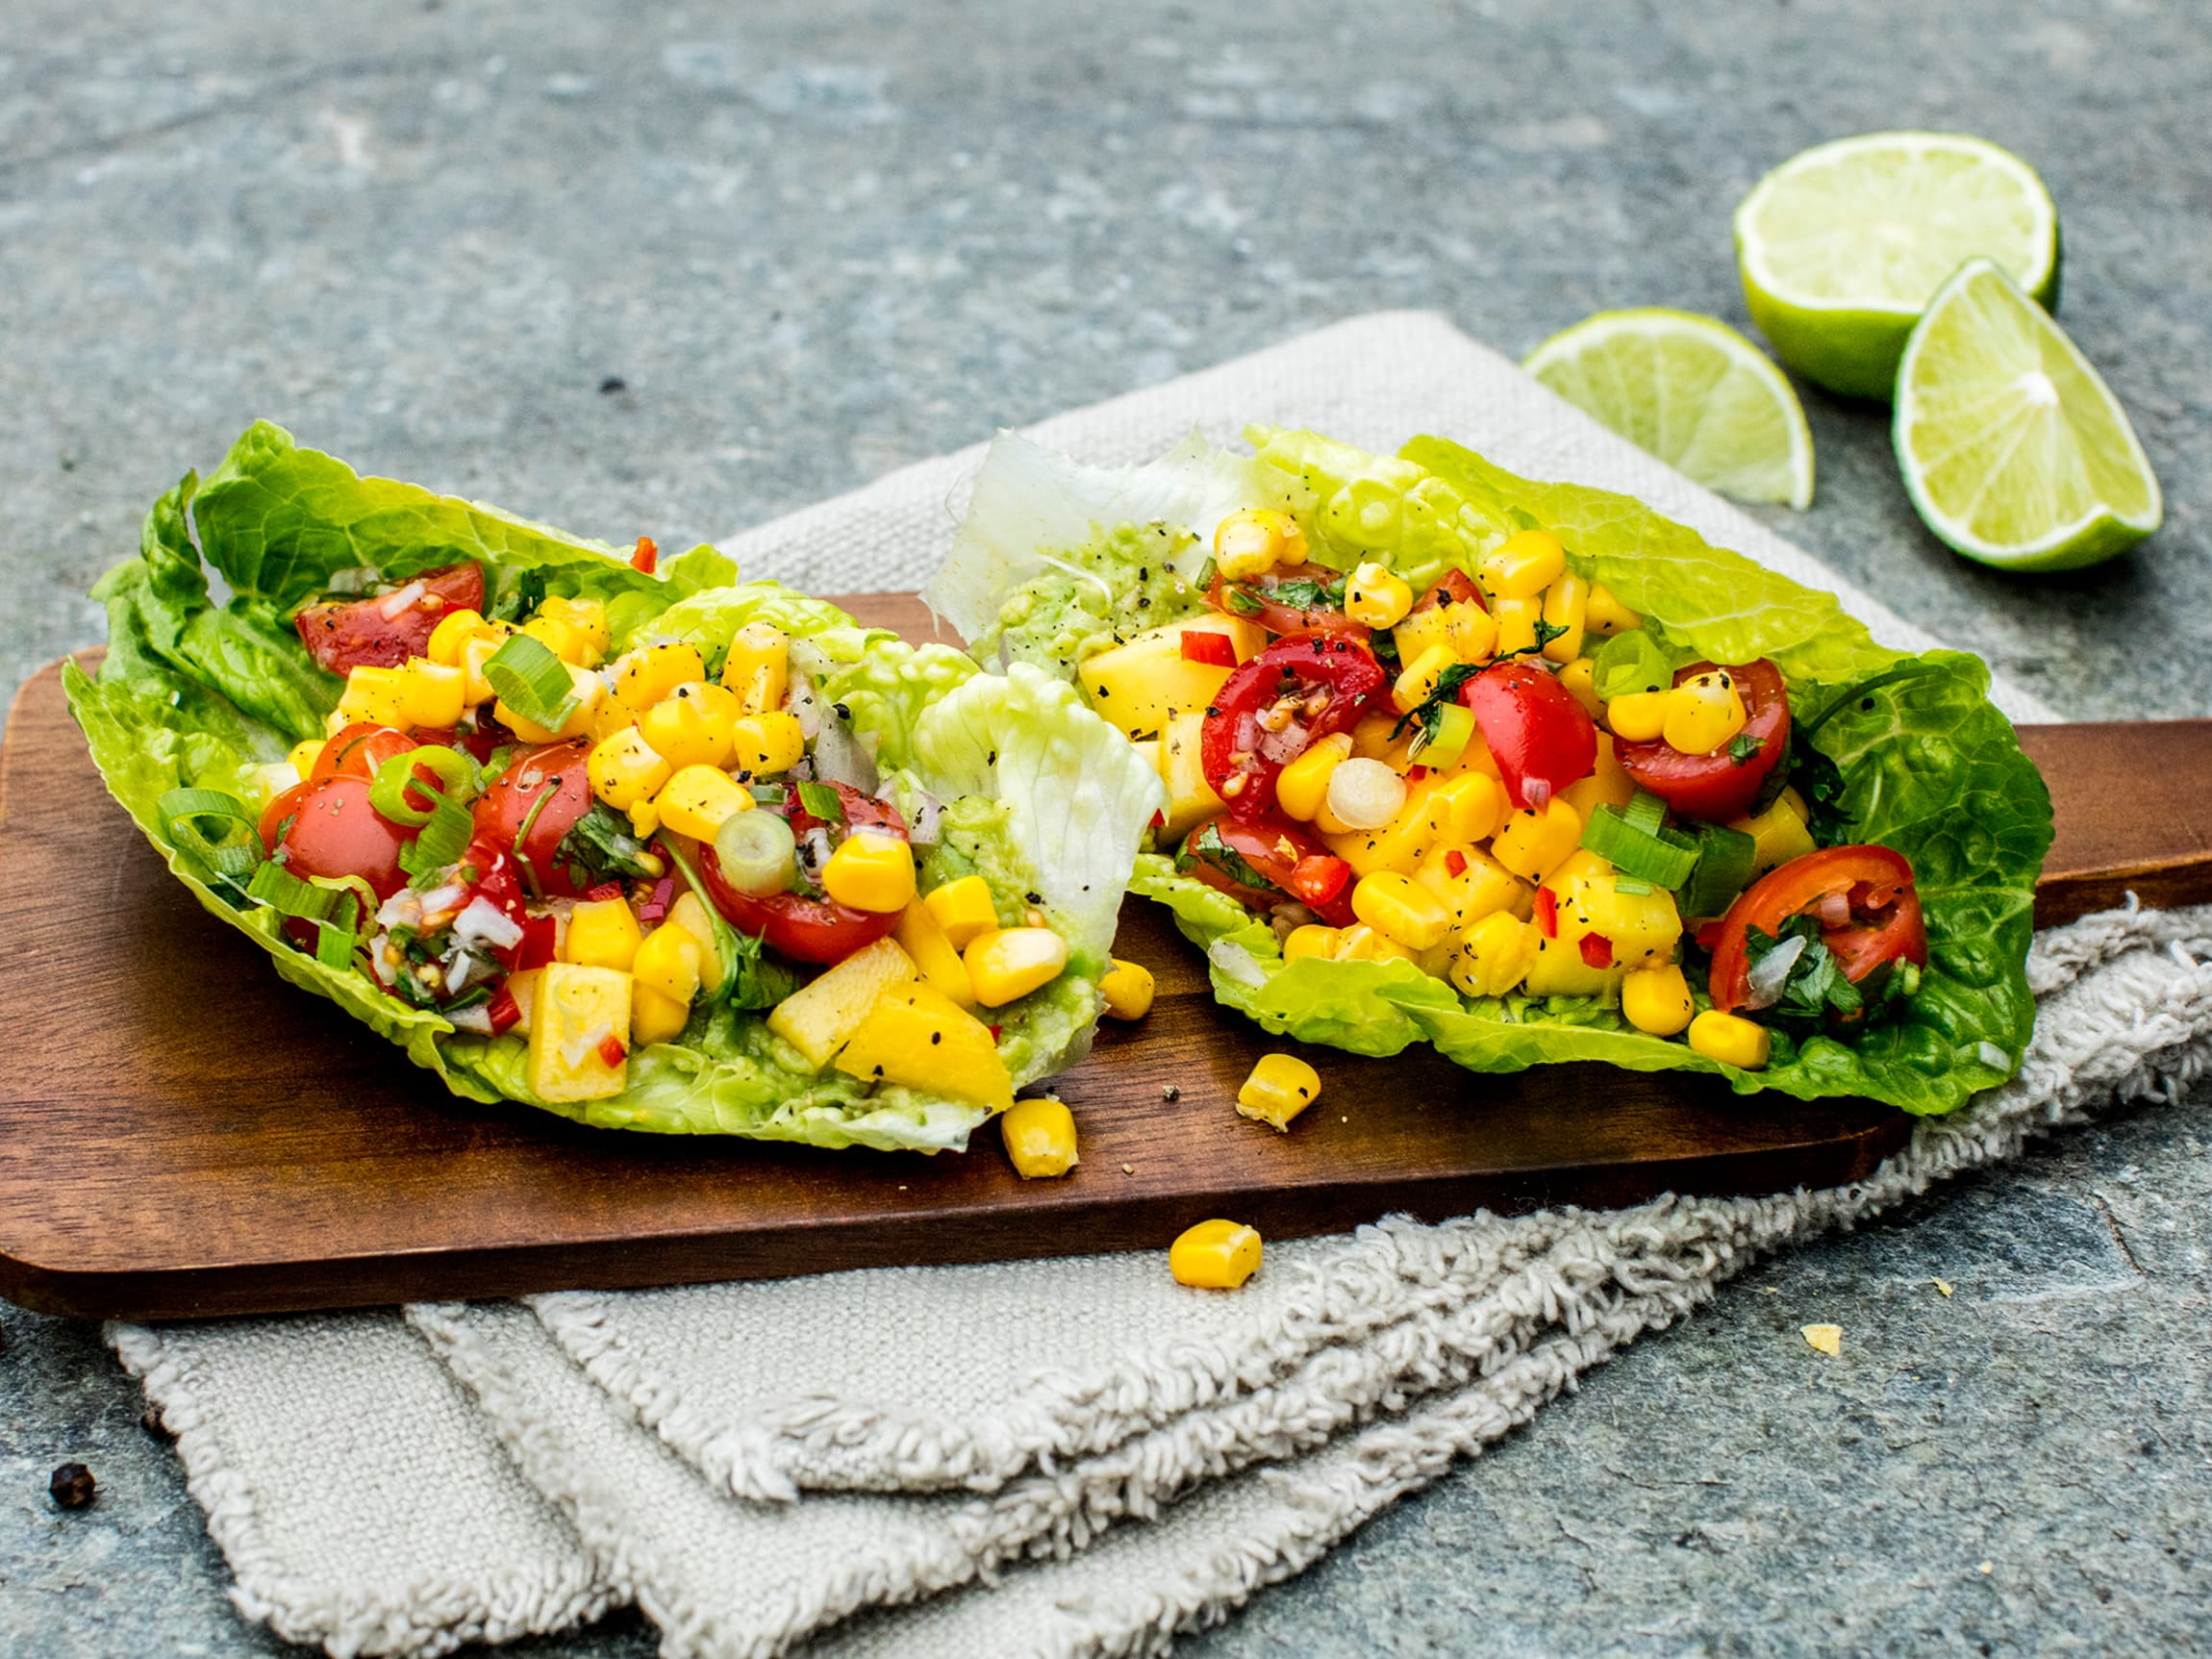 Bytt ut tacoskjell eller tortilla med hjertesalat for en ny vri på tacofredag! Fyll blader av hjertesalat med det du ønsker.